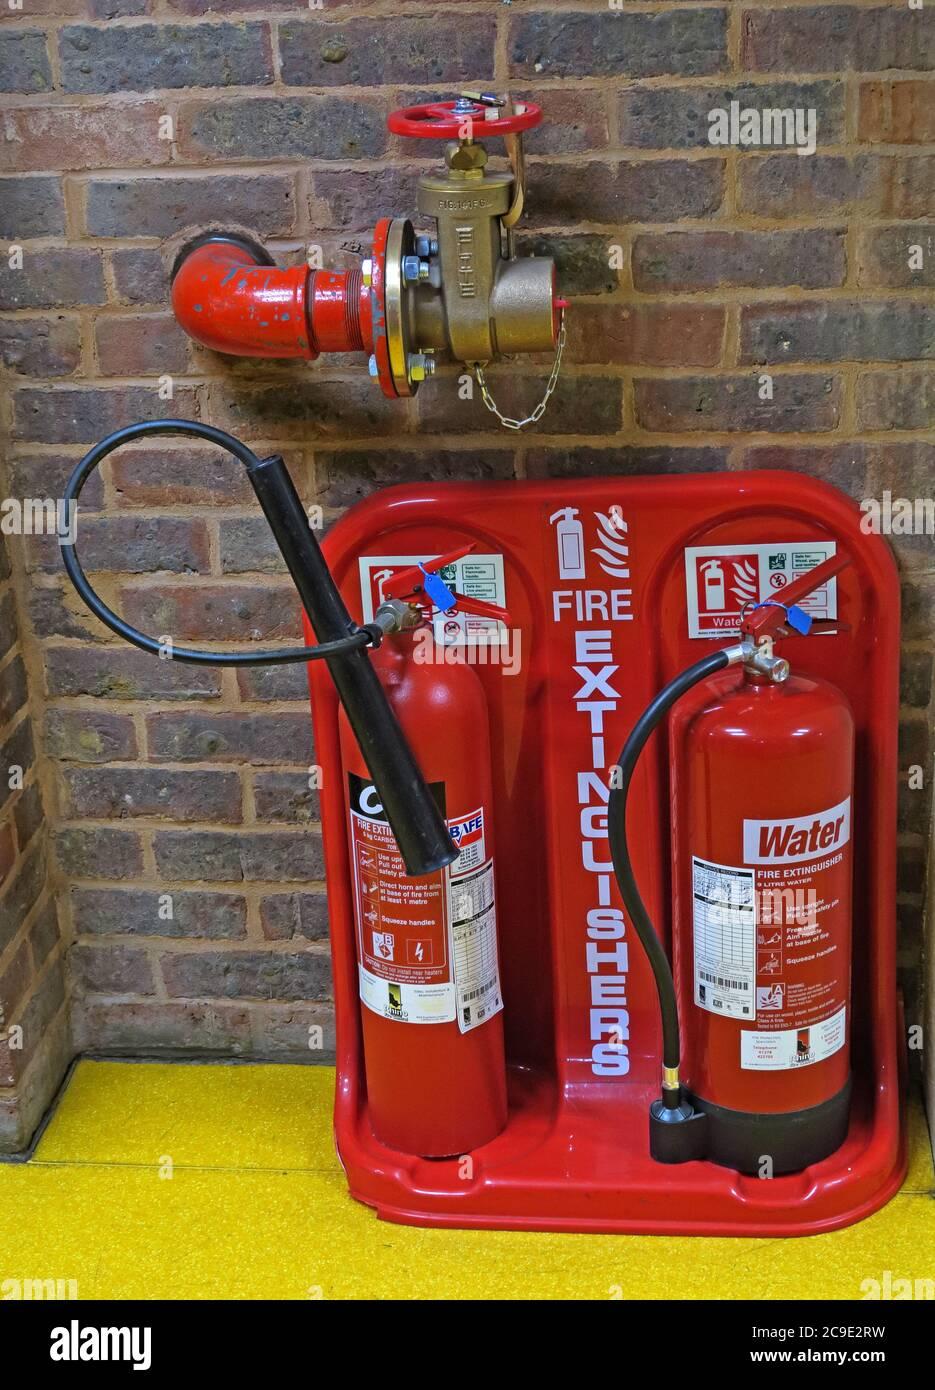 Dieses Stockfoto: Hydrantenarmatur und Feuerlöscher-Station, in einem öffentlichen Gebäude, England, Großbritannien - Wasser - 2C9E2R